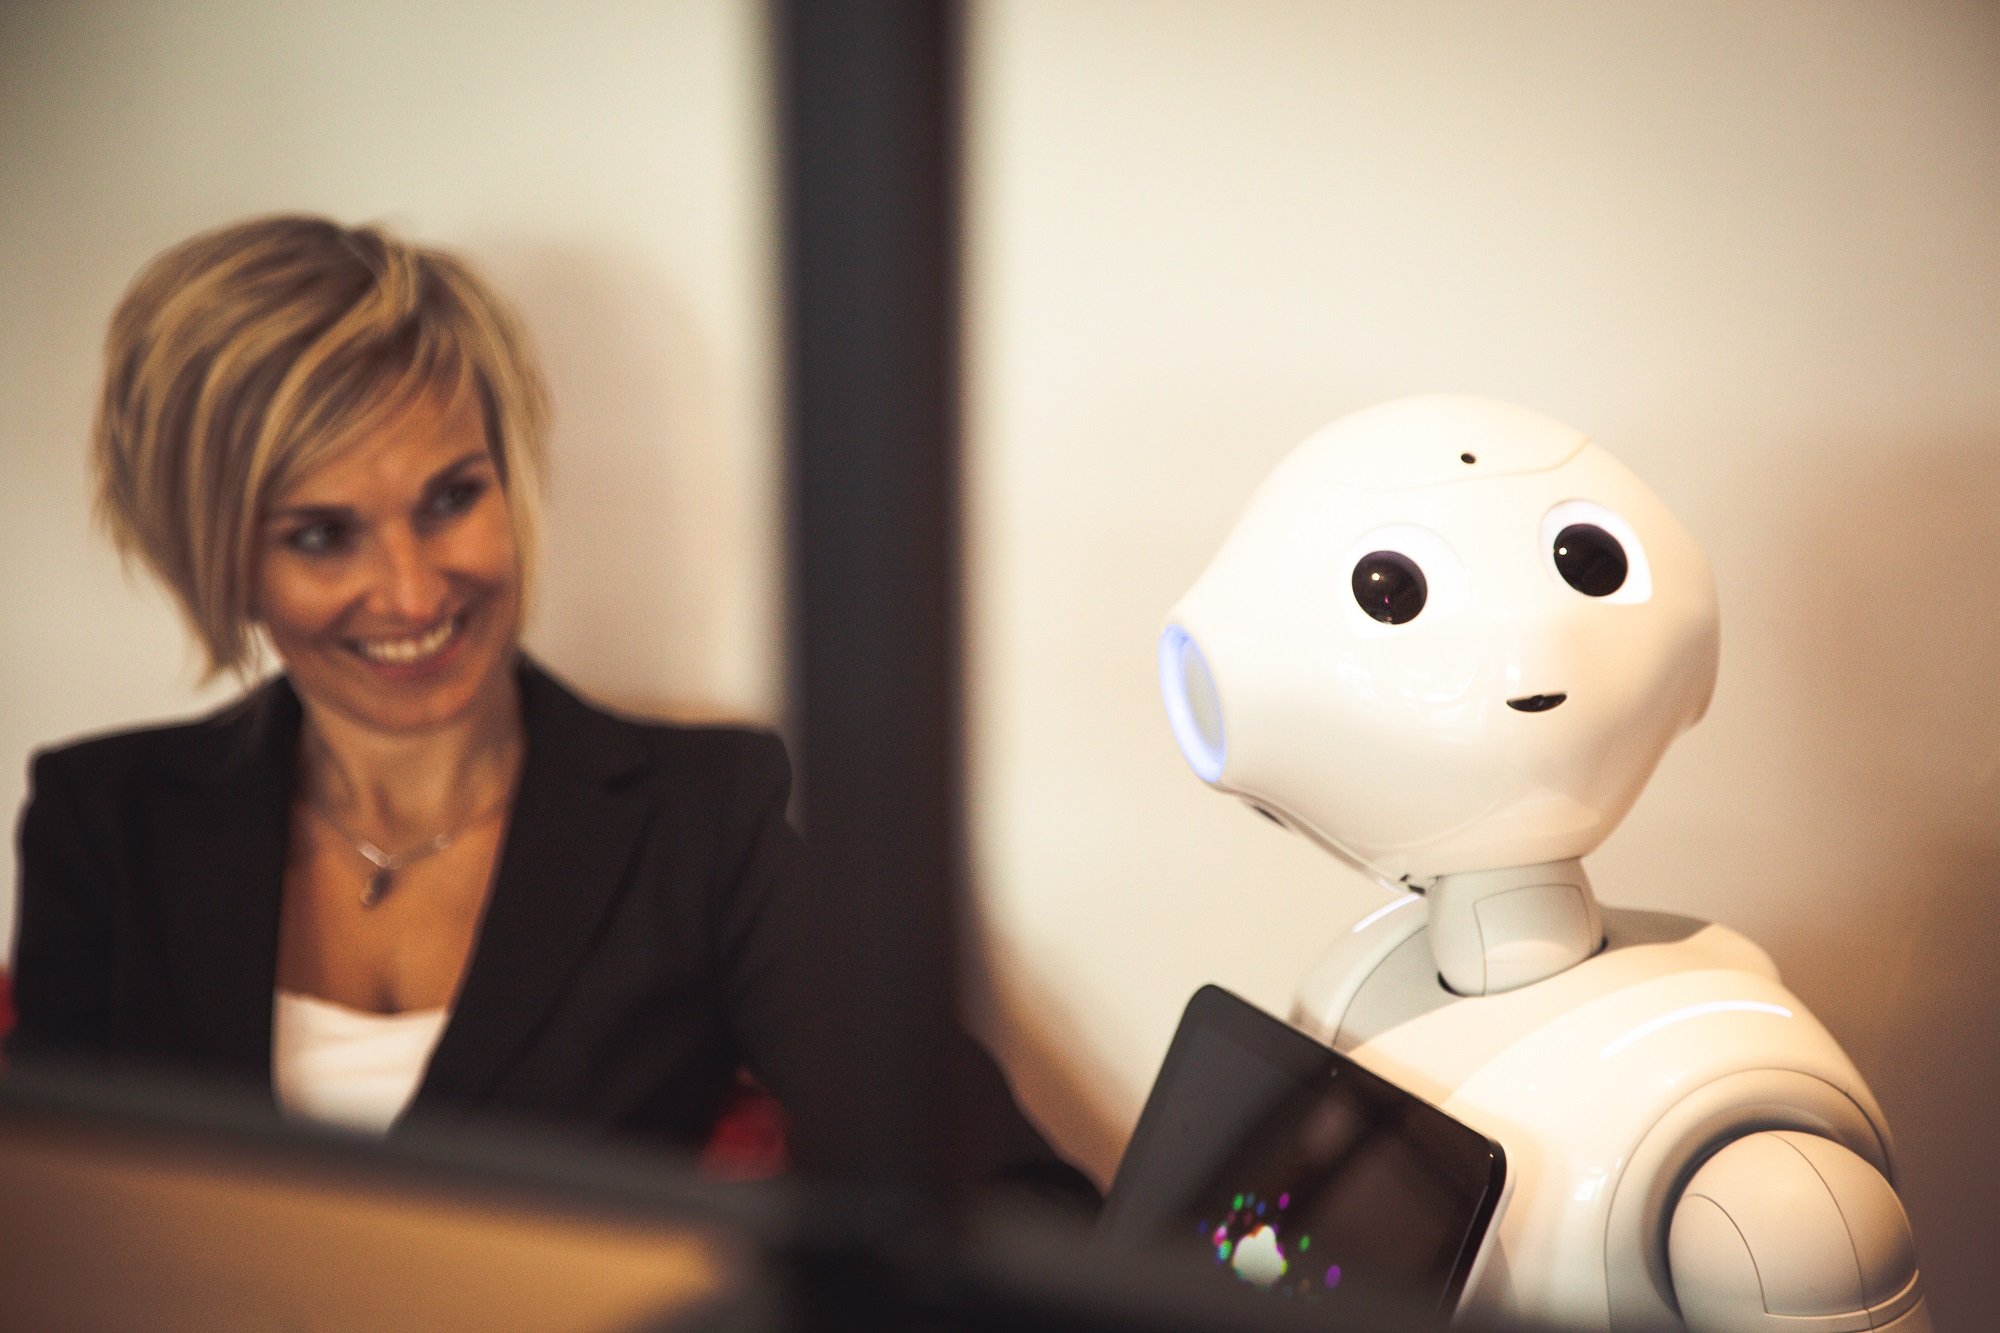 Iemand die kijkt naar een robot